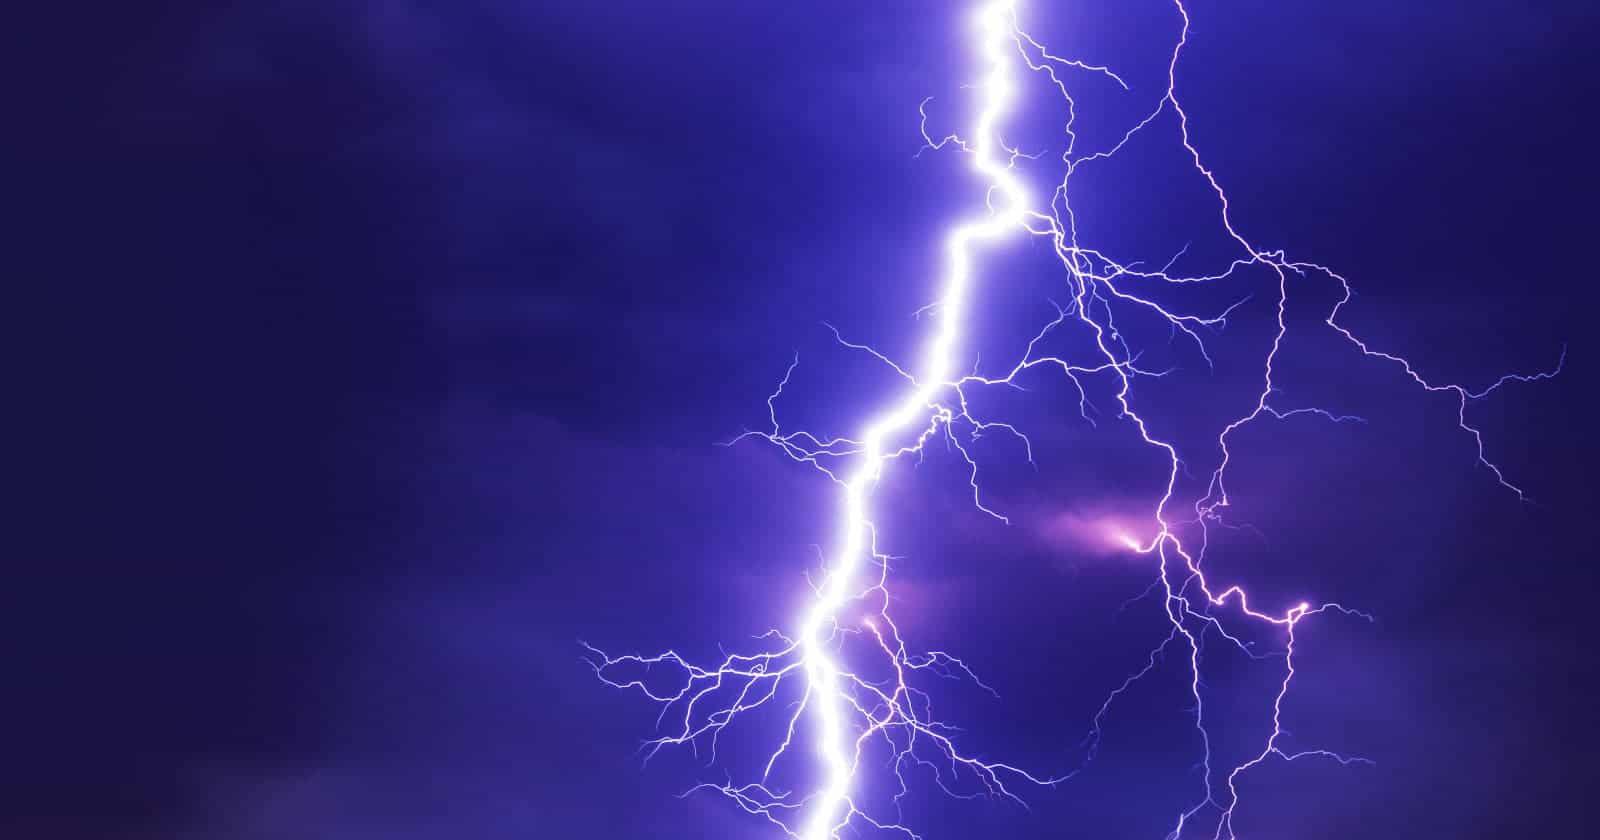 AMP lightning bolt